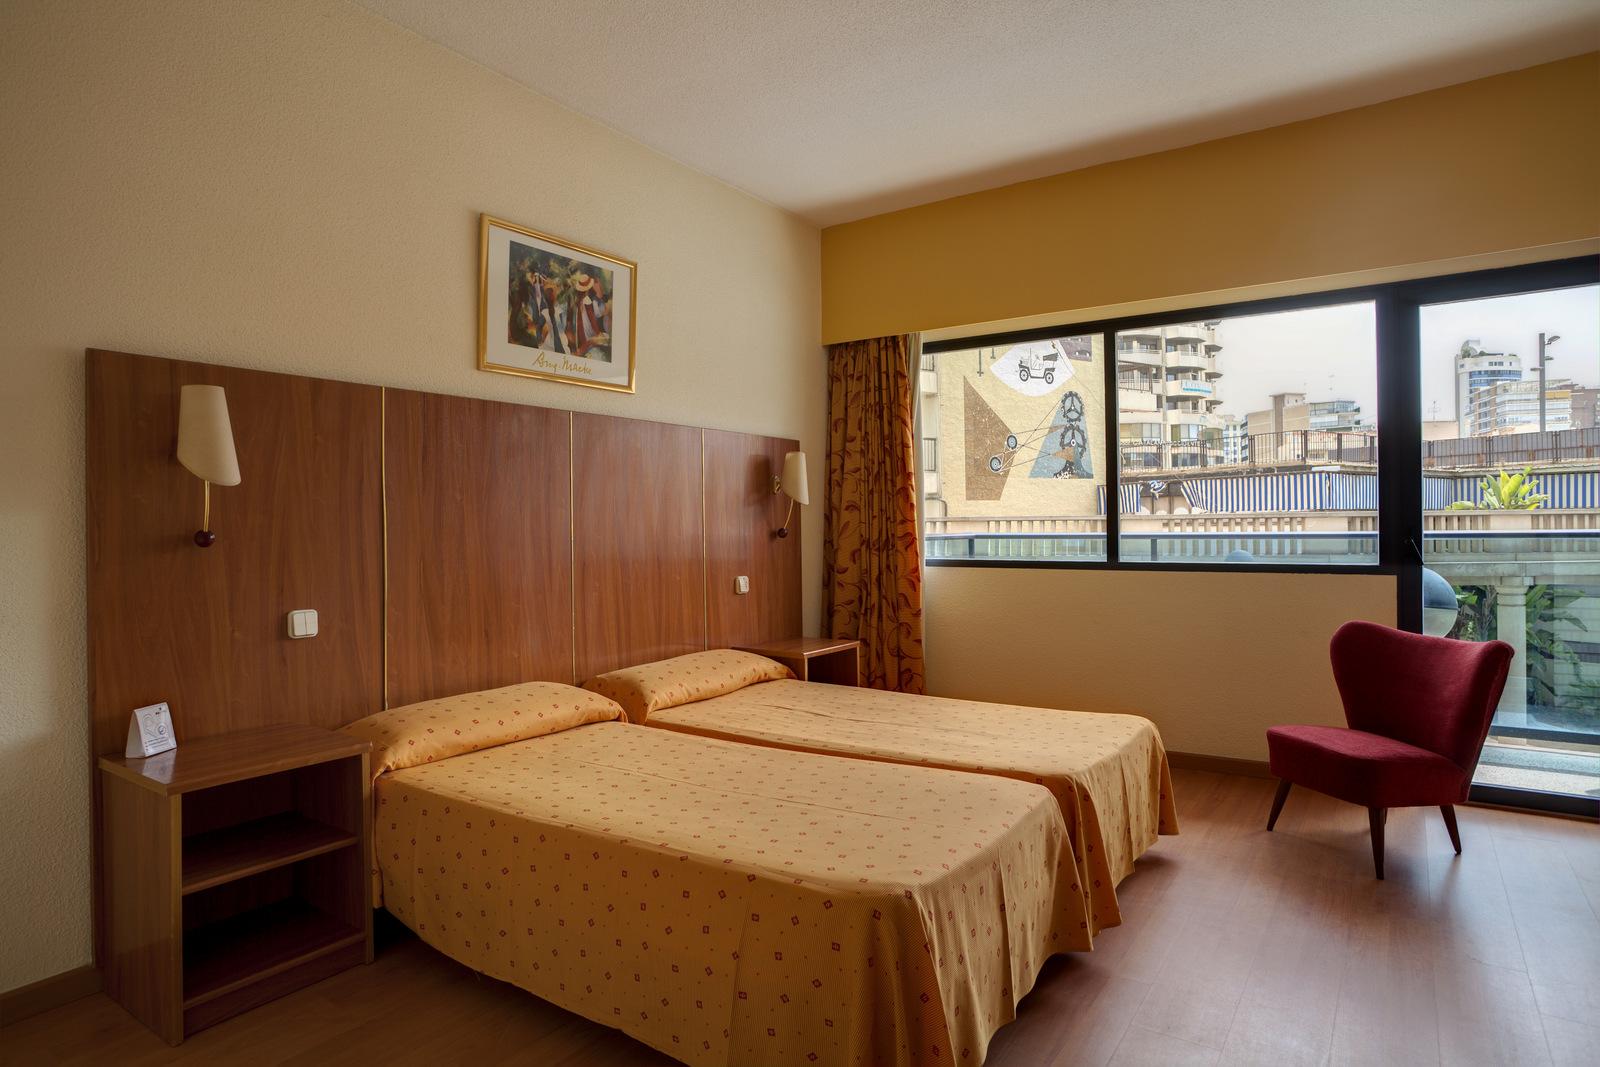 Hotel bristol park benidorm hotels and destinations for Hoteles con habitaciones familiares en benidorm